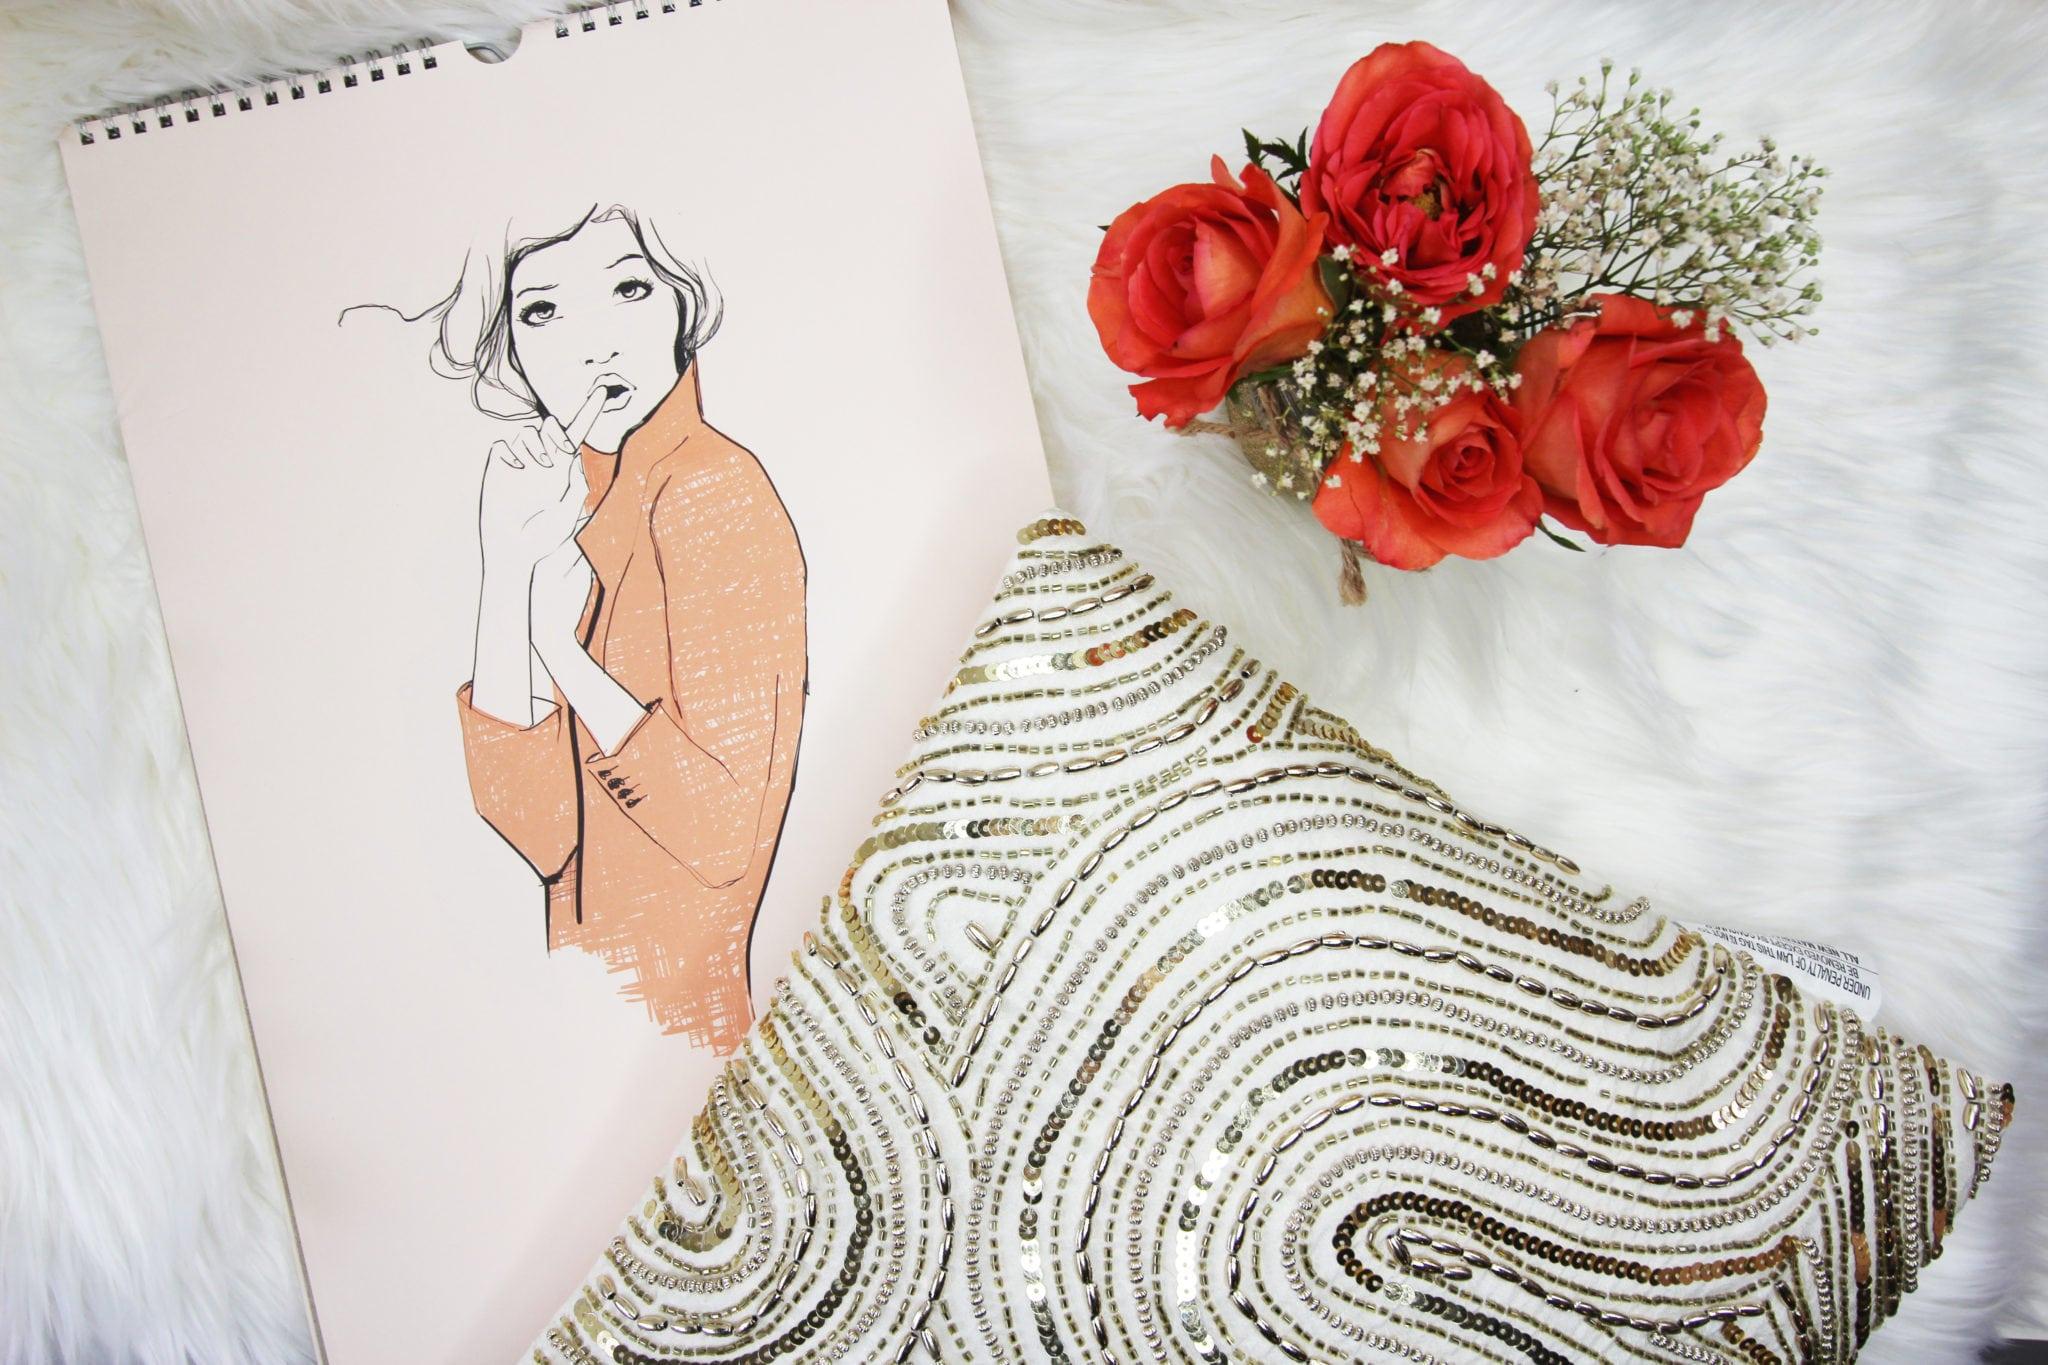 refresh your room for spring Mash Elle | Spring cleaning | room decoration | interior design | Mash Elle lifestyle blogger